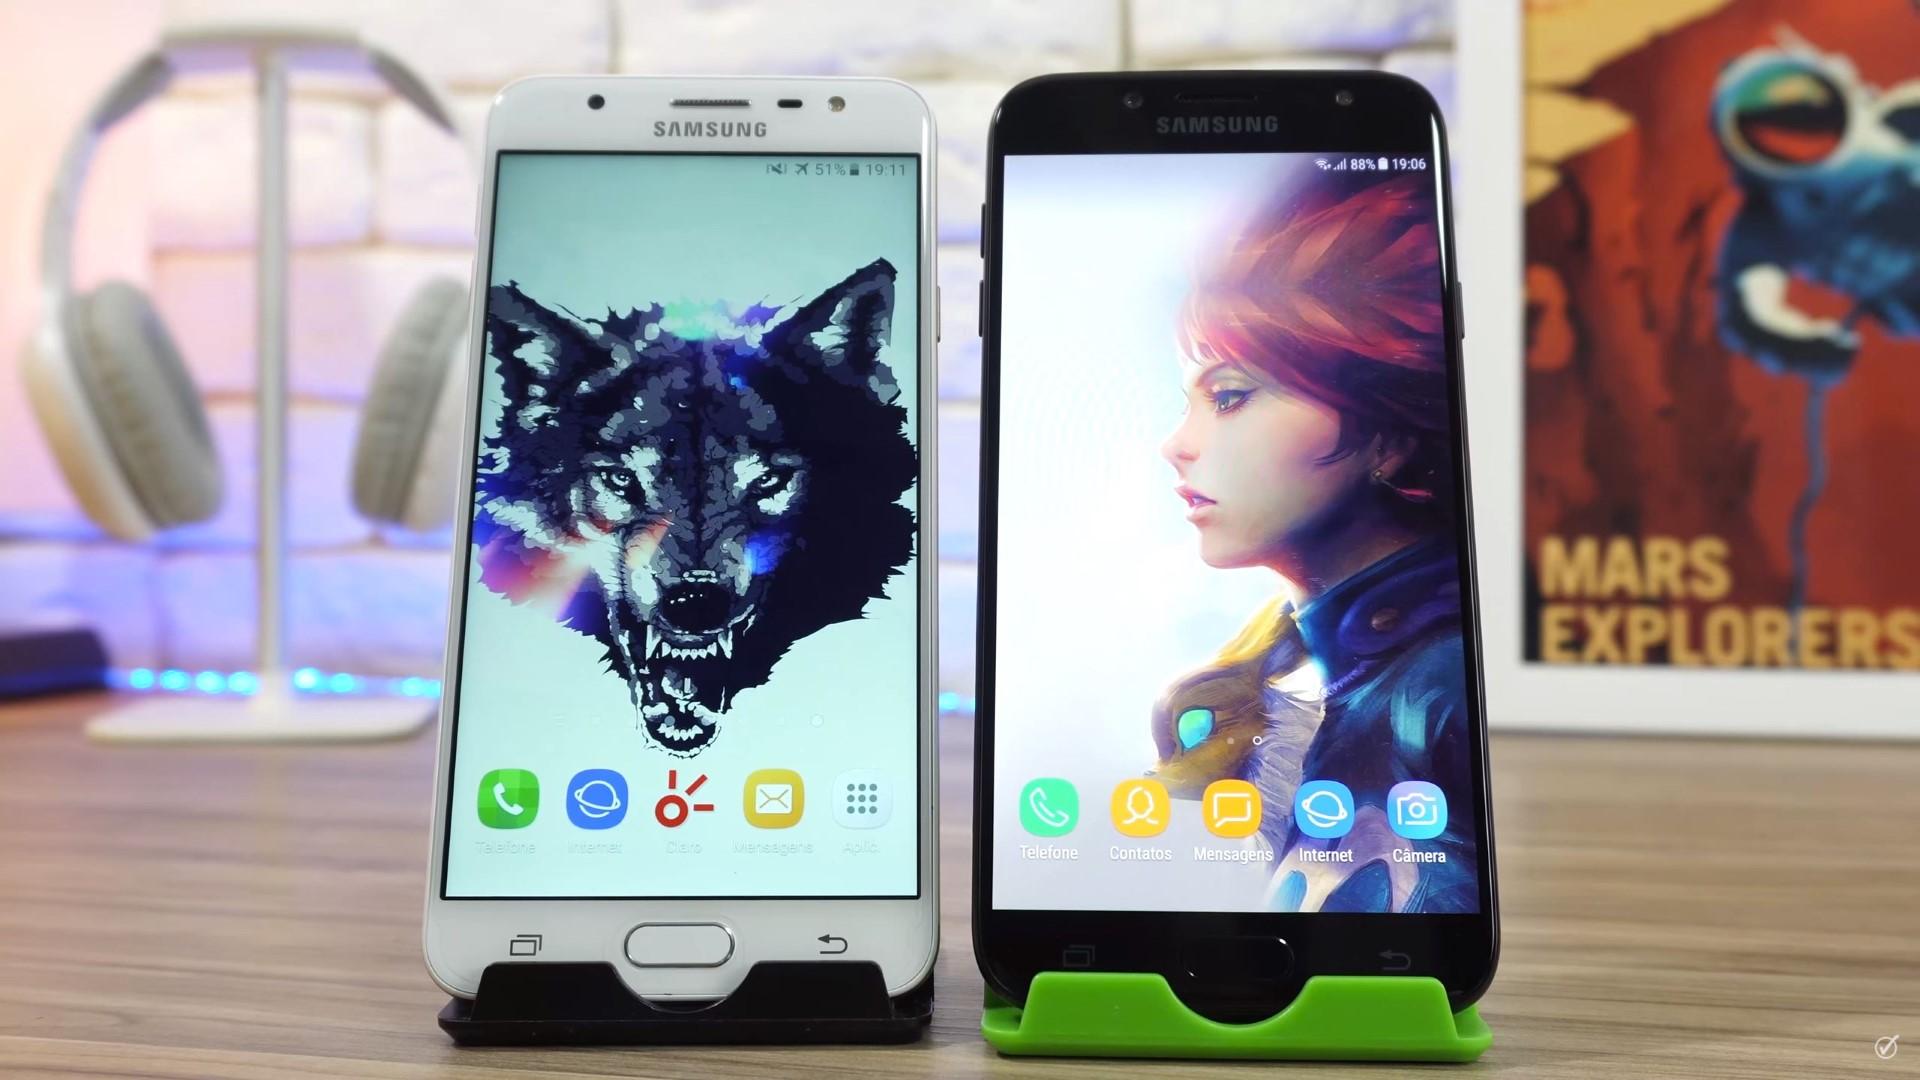 3905b59a48 Galaxy J7 Pro vs Galaxy J7 Prime  qual é o melhor  - EscolhaSegura